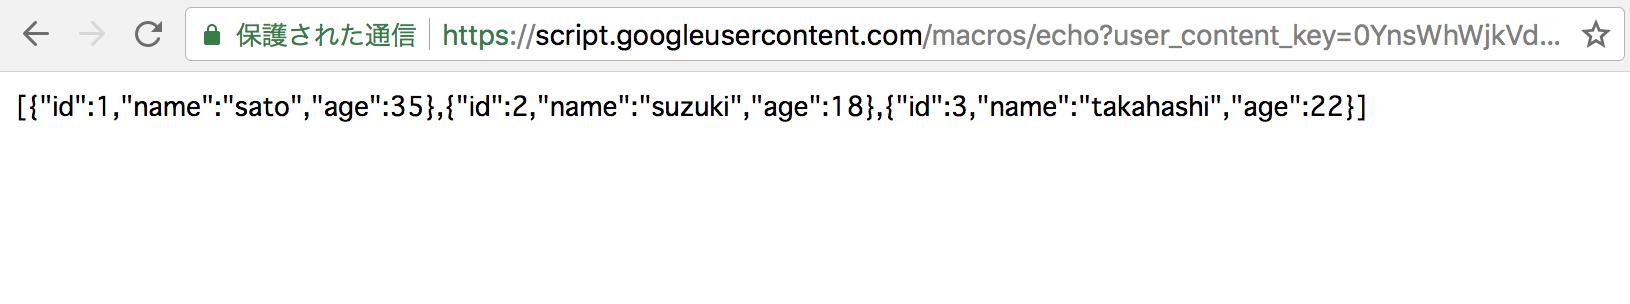 このURLの内容はシートの入力データの内容であり、元のシートを更新するたびに新しいデータに更新される